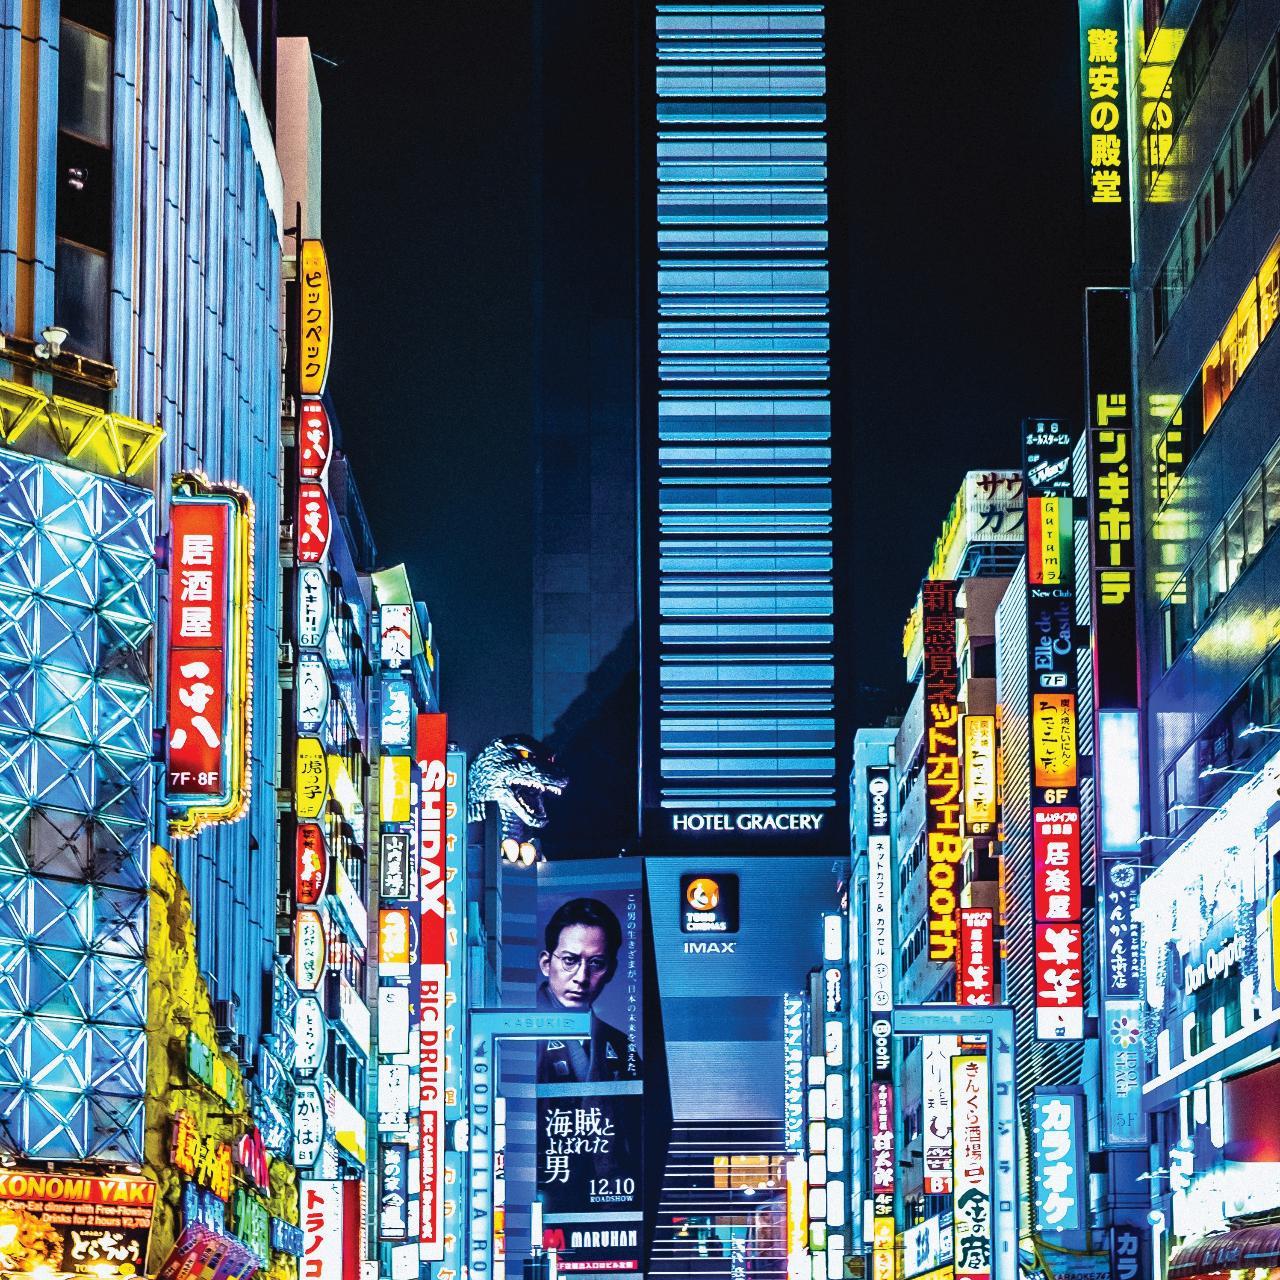 JAPAN GOLDEN ROUTE ADVENTURE 25 MAR - 3 APR 2019 | 10 DAYS